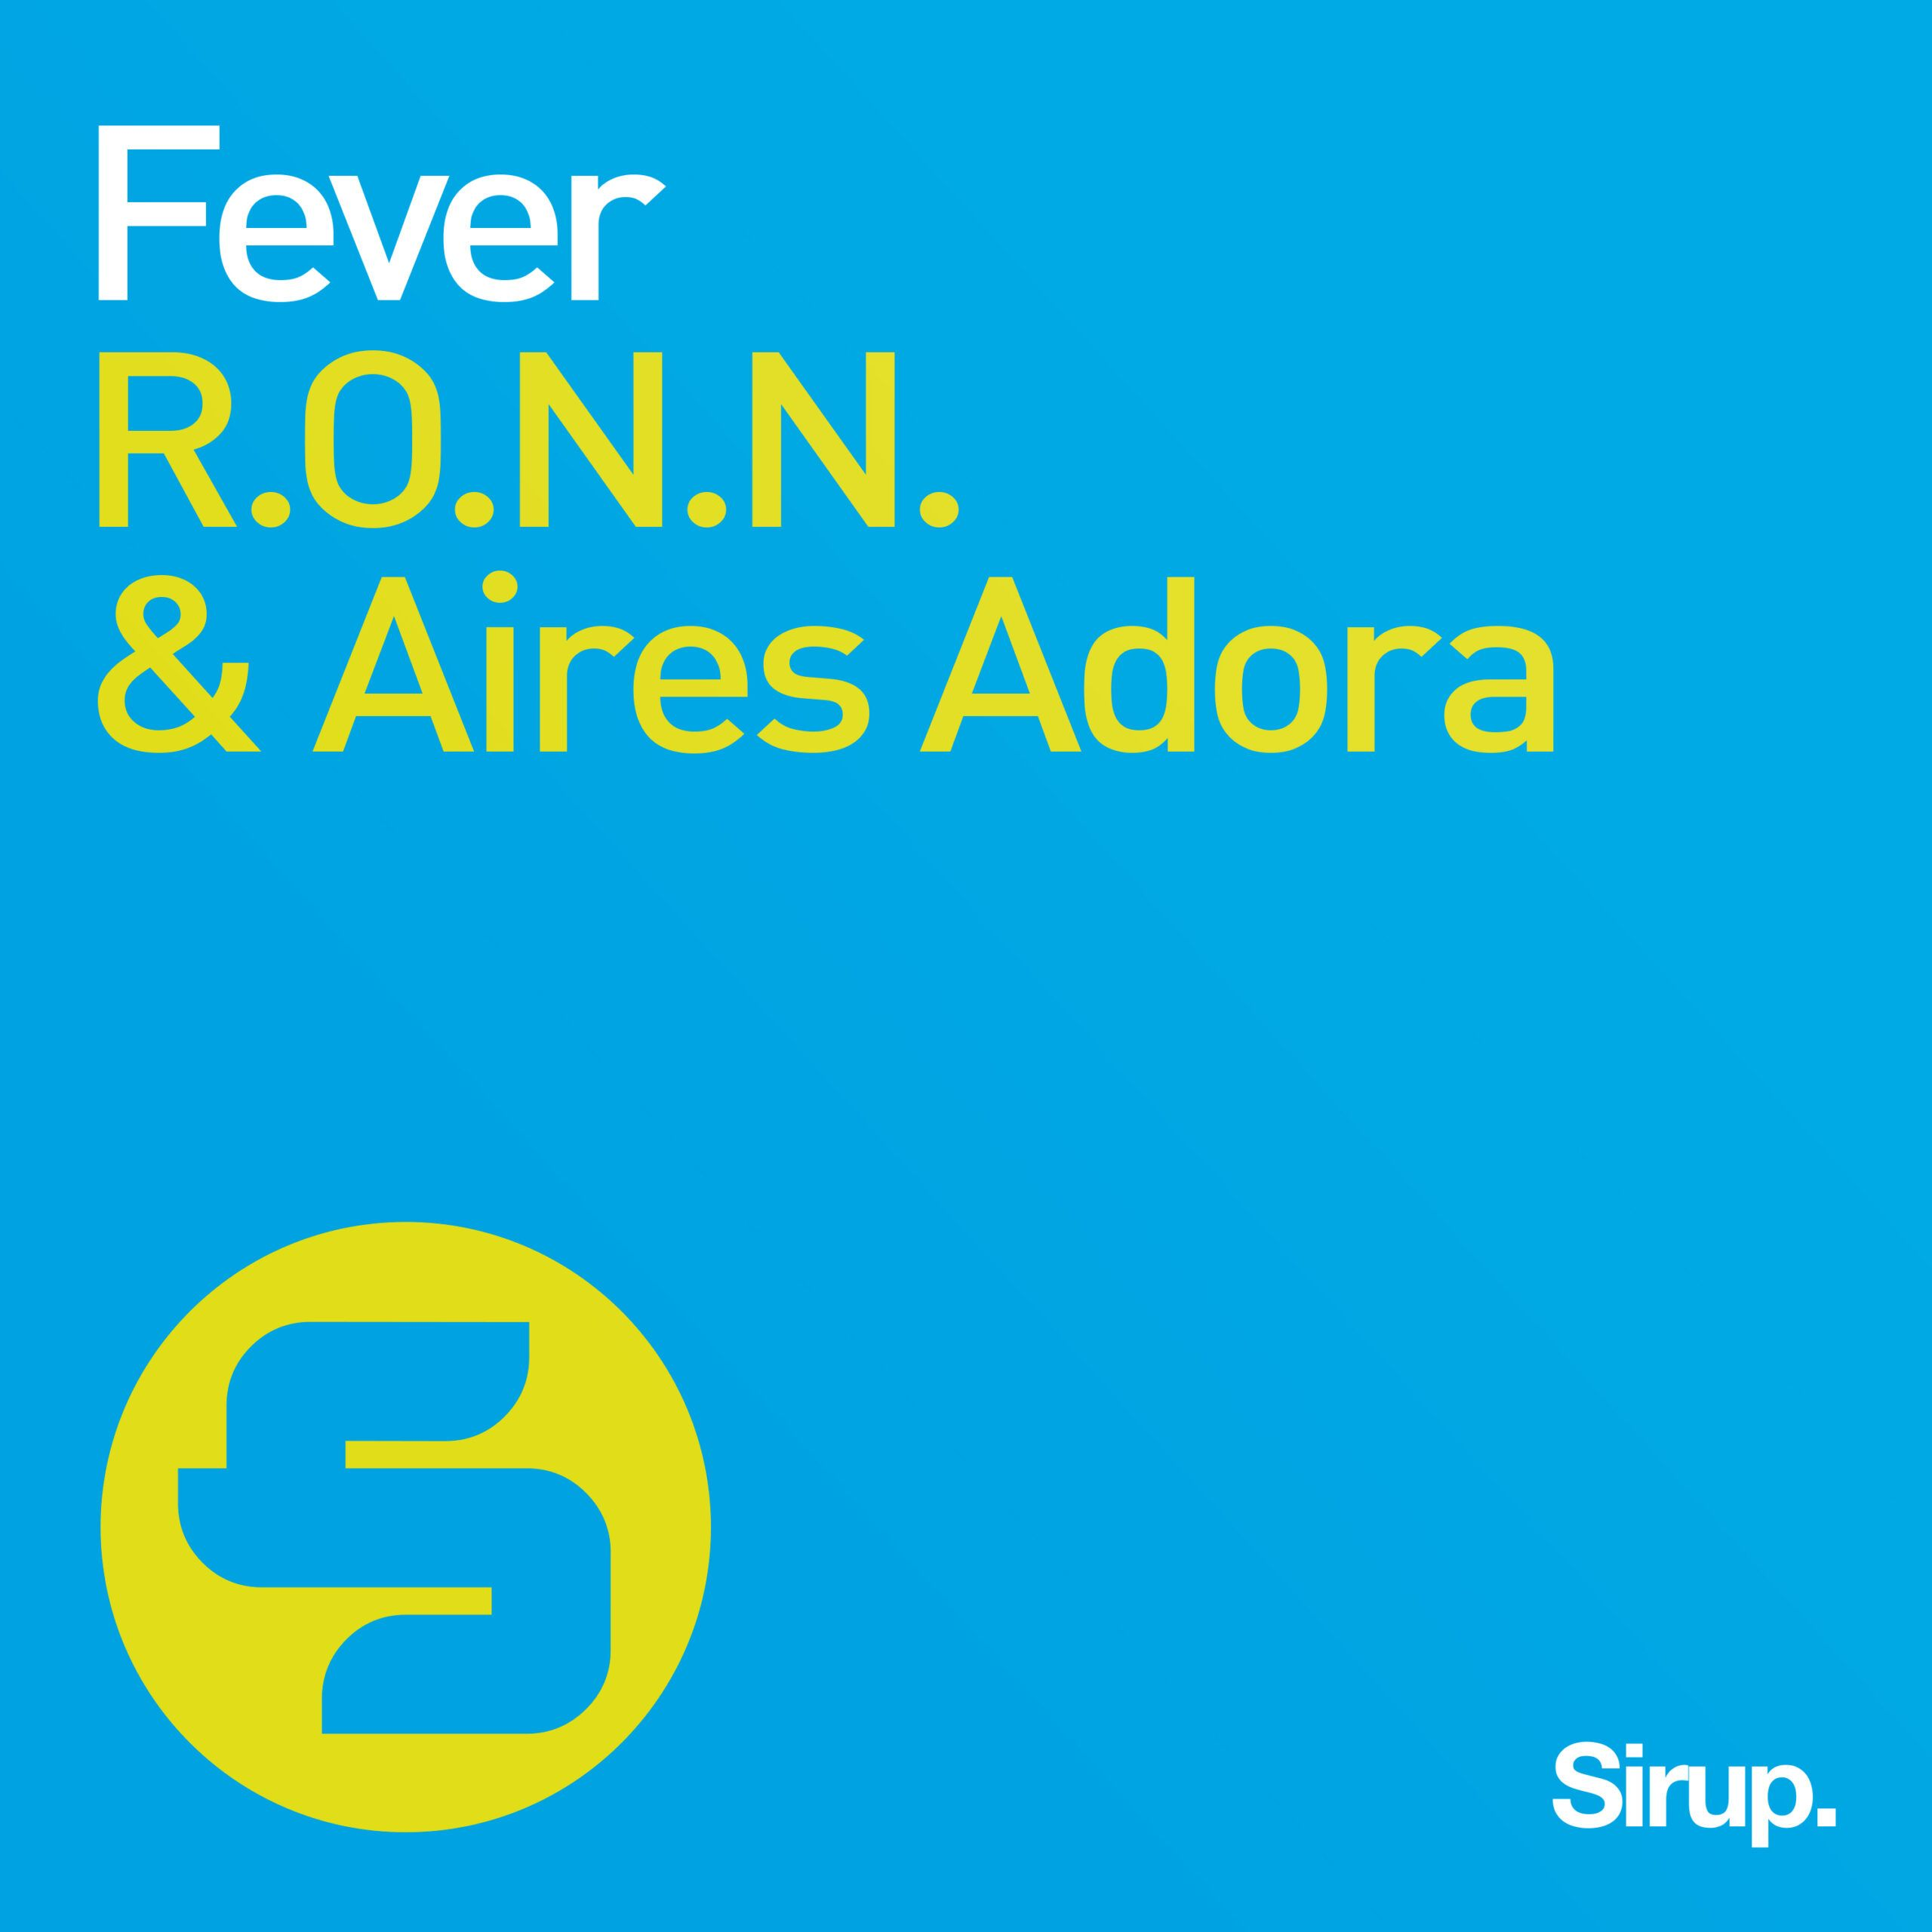 r.o.n.n._aires_adora_-_fever.jpg